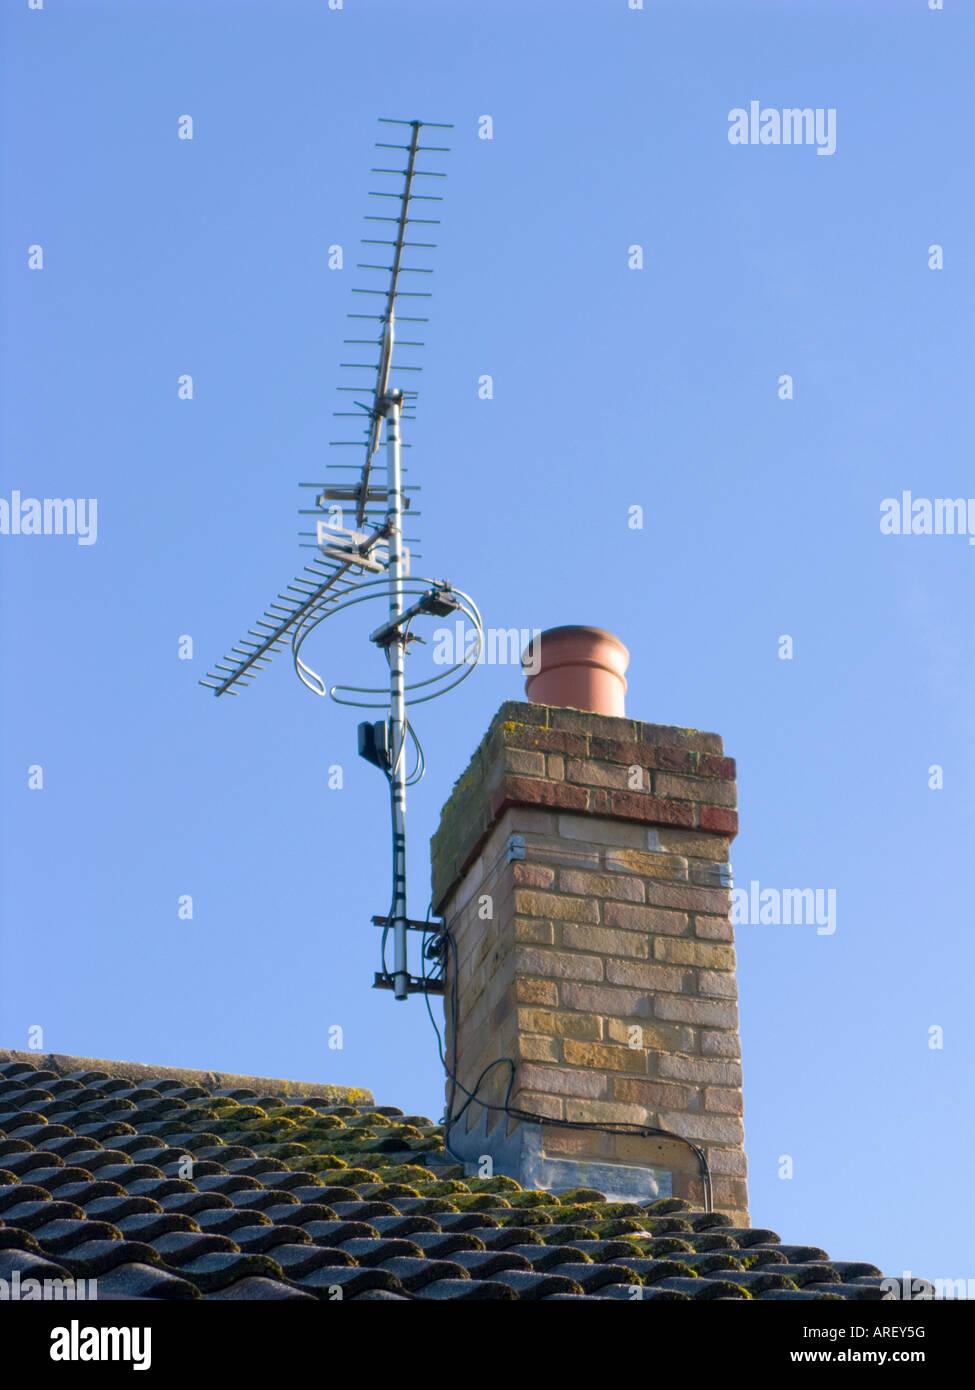 Immagine a colori alla ricerca fino a un tetto e chimley che ha un'antenna tv collegato ad esso, cielo blu chiaro Foto Stock